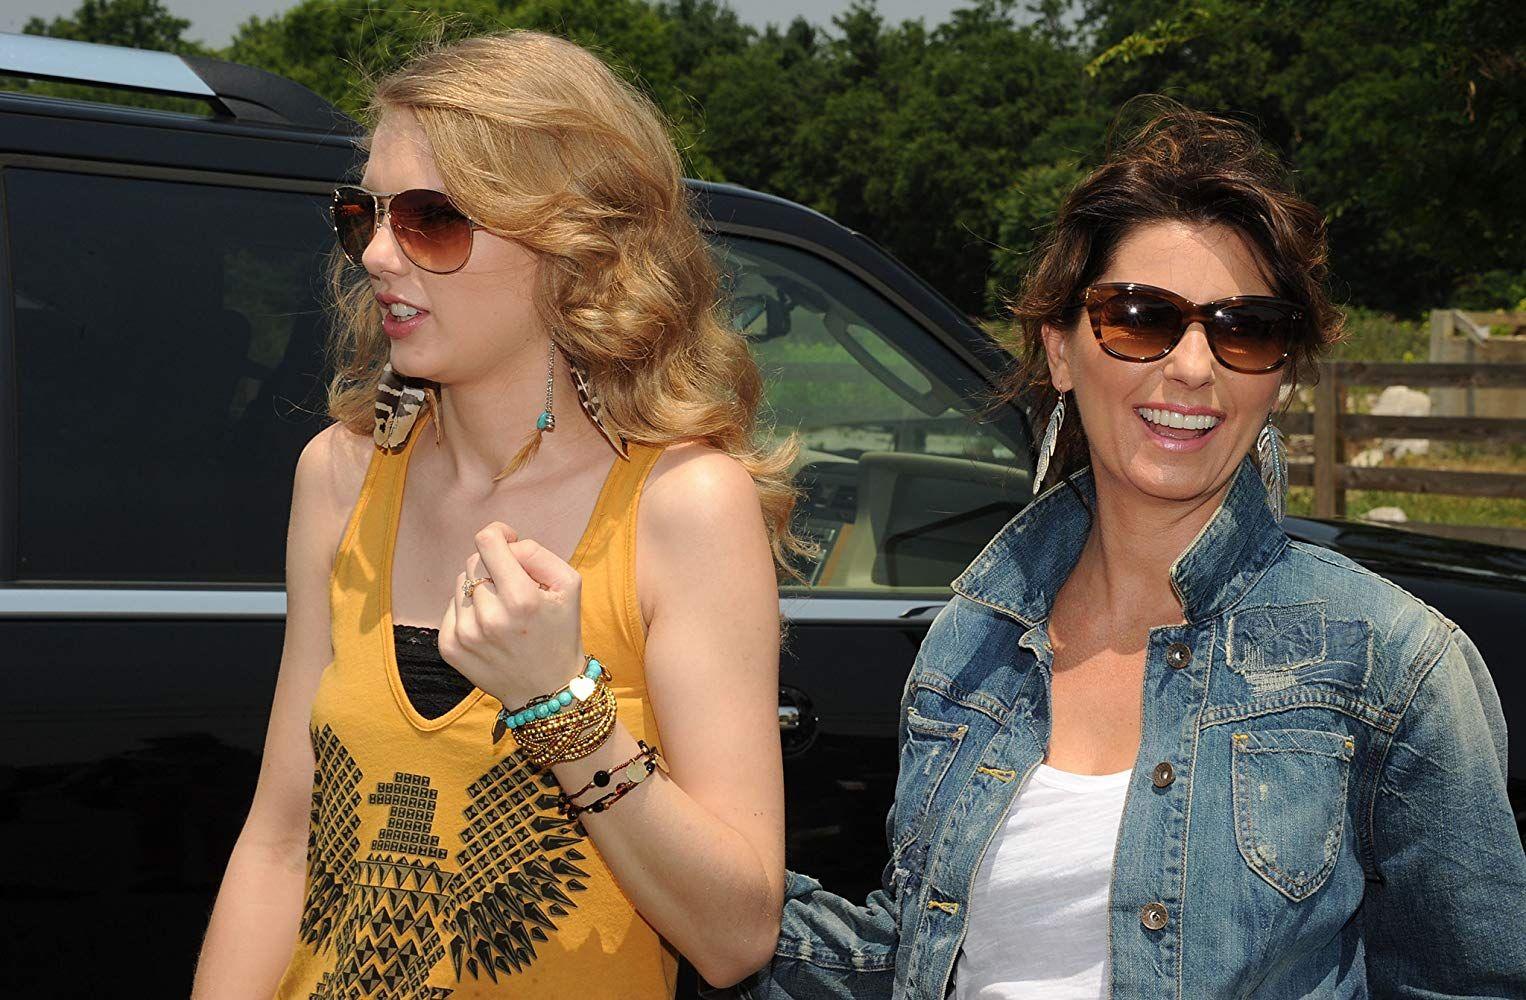 Shania Twain and Taylor Swift Shania twain, Taylor swift